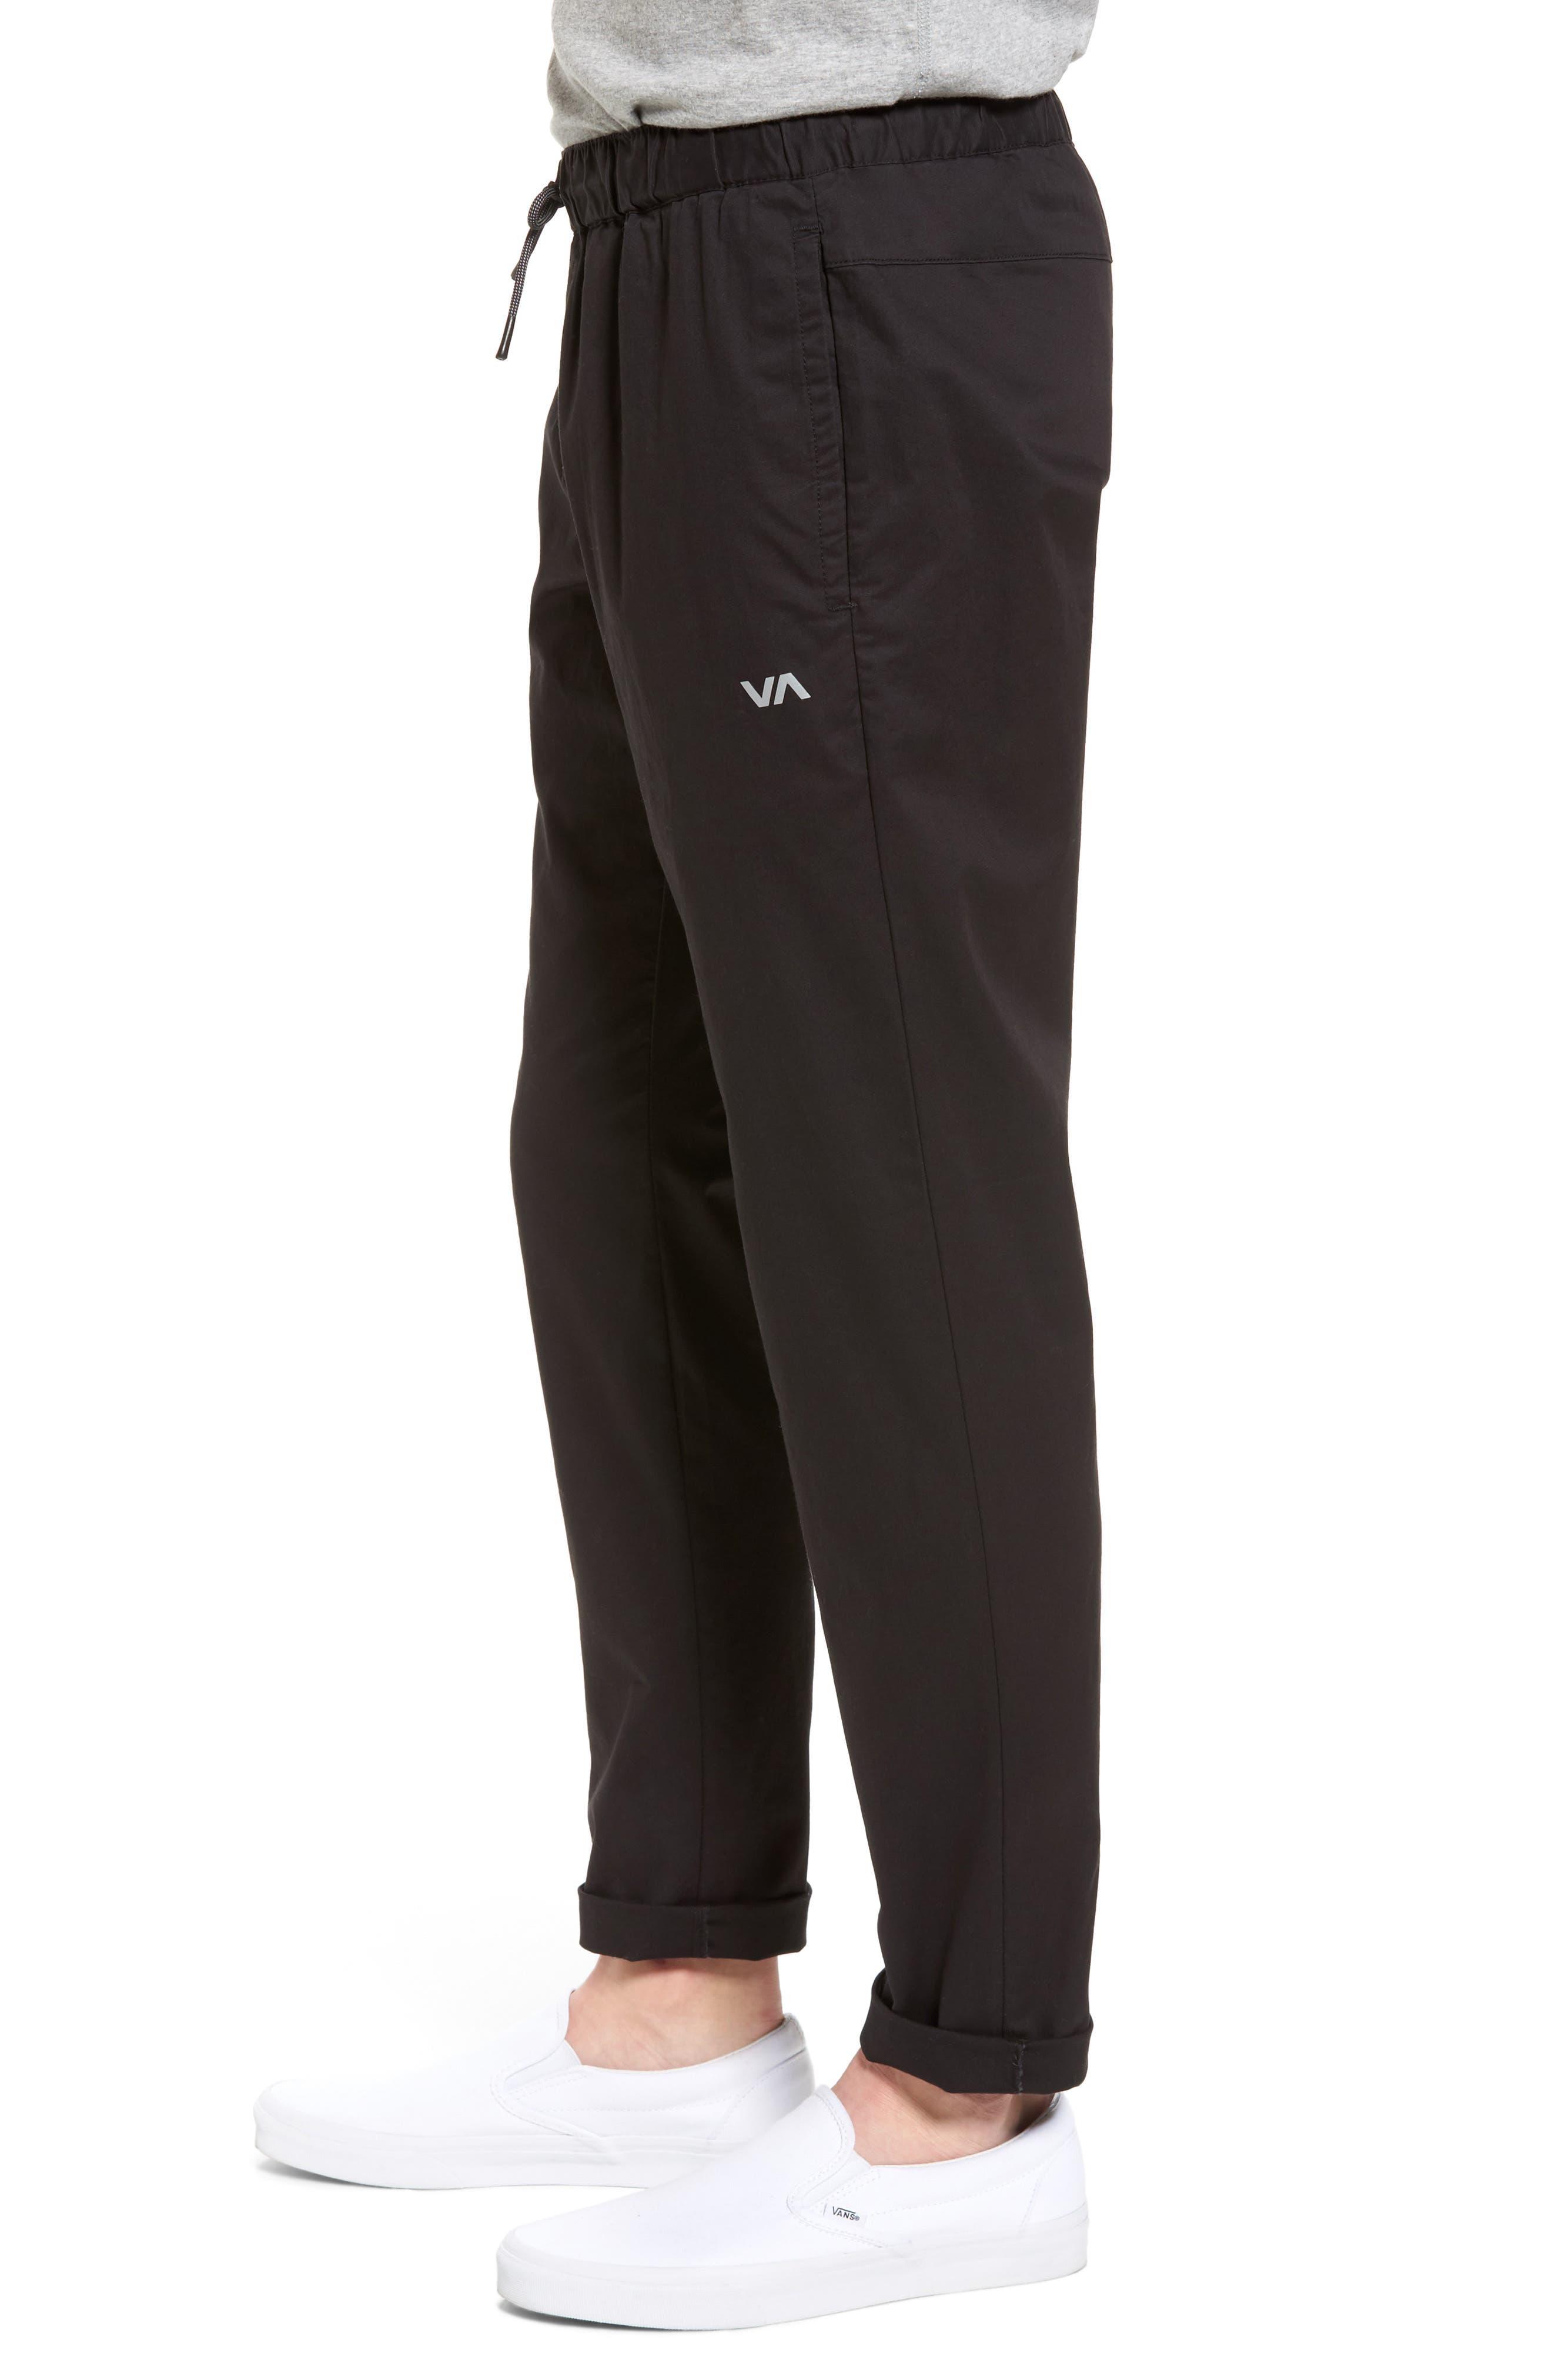 Spectrum Sport Pants,                             Alternate thumbnail 3, color,                             Black